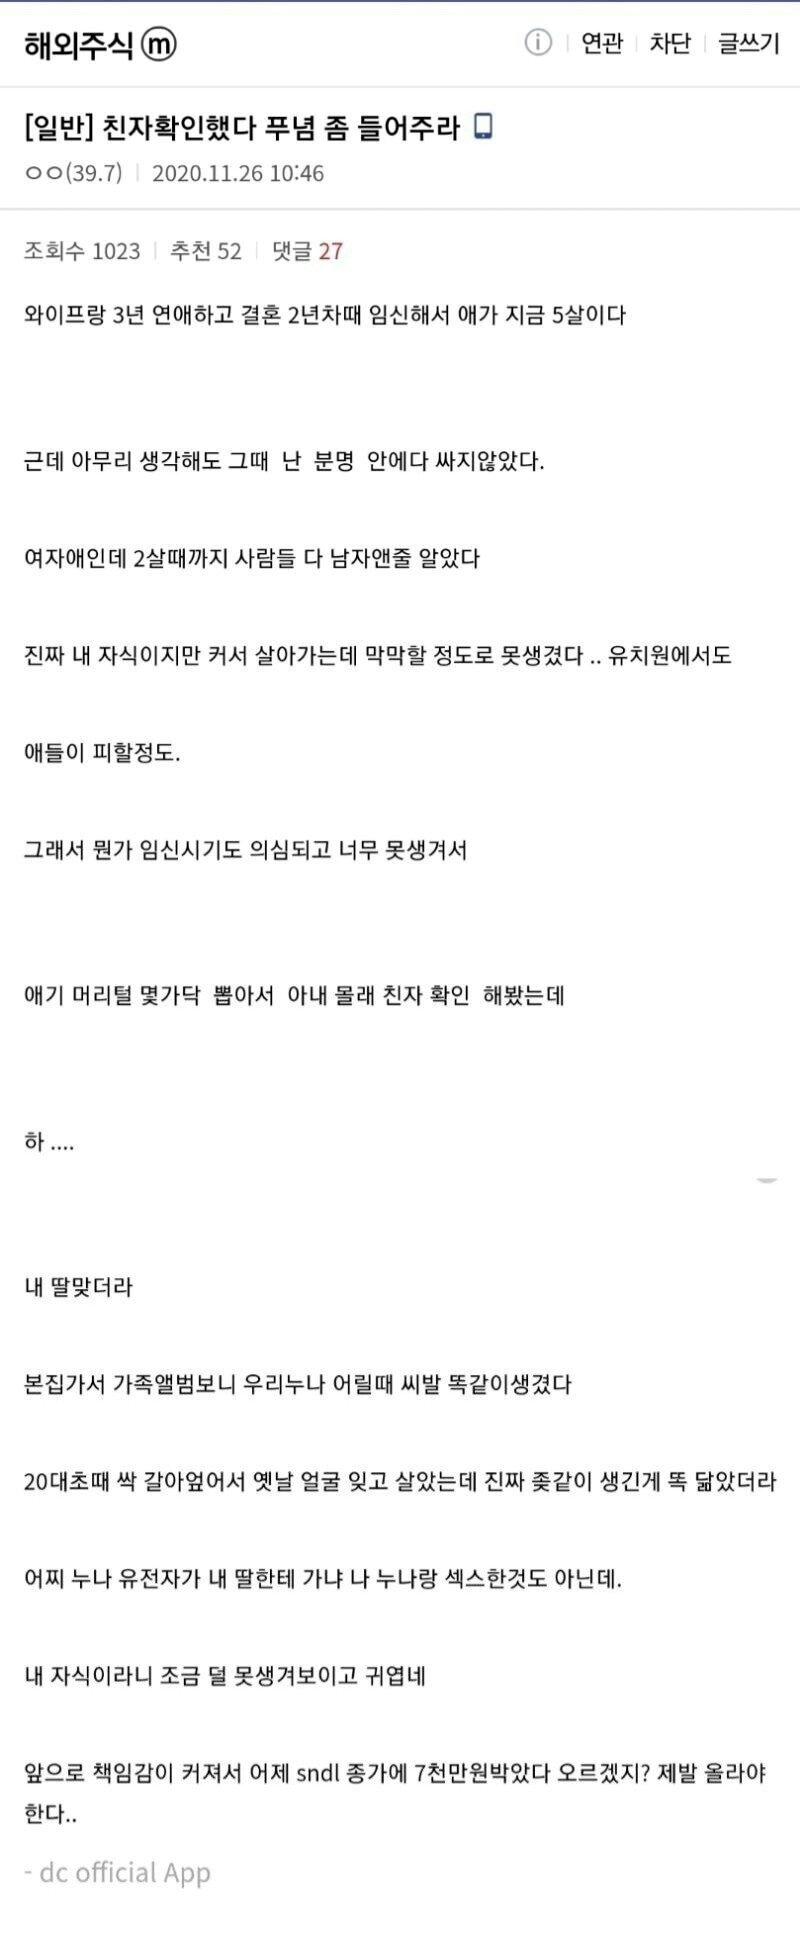 주갤러의 못생긴 딸 친자검사 사건.jpg 주갤러의 딸 친자검사 사건.jpg